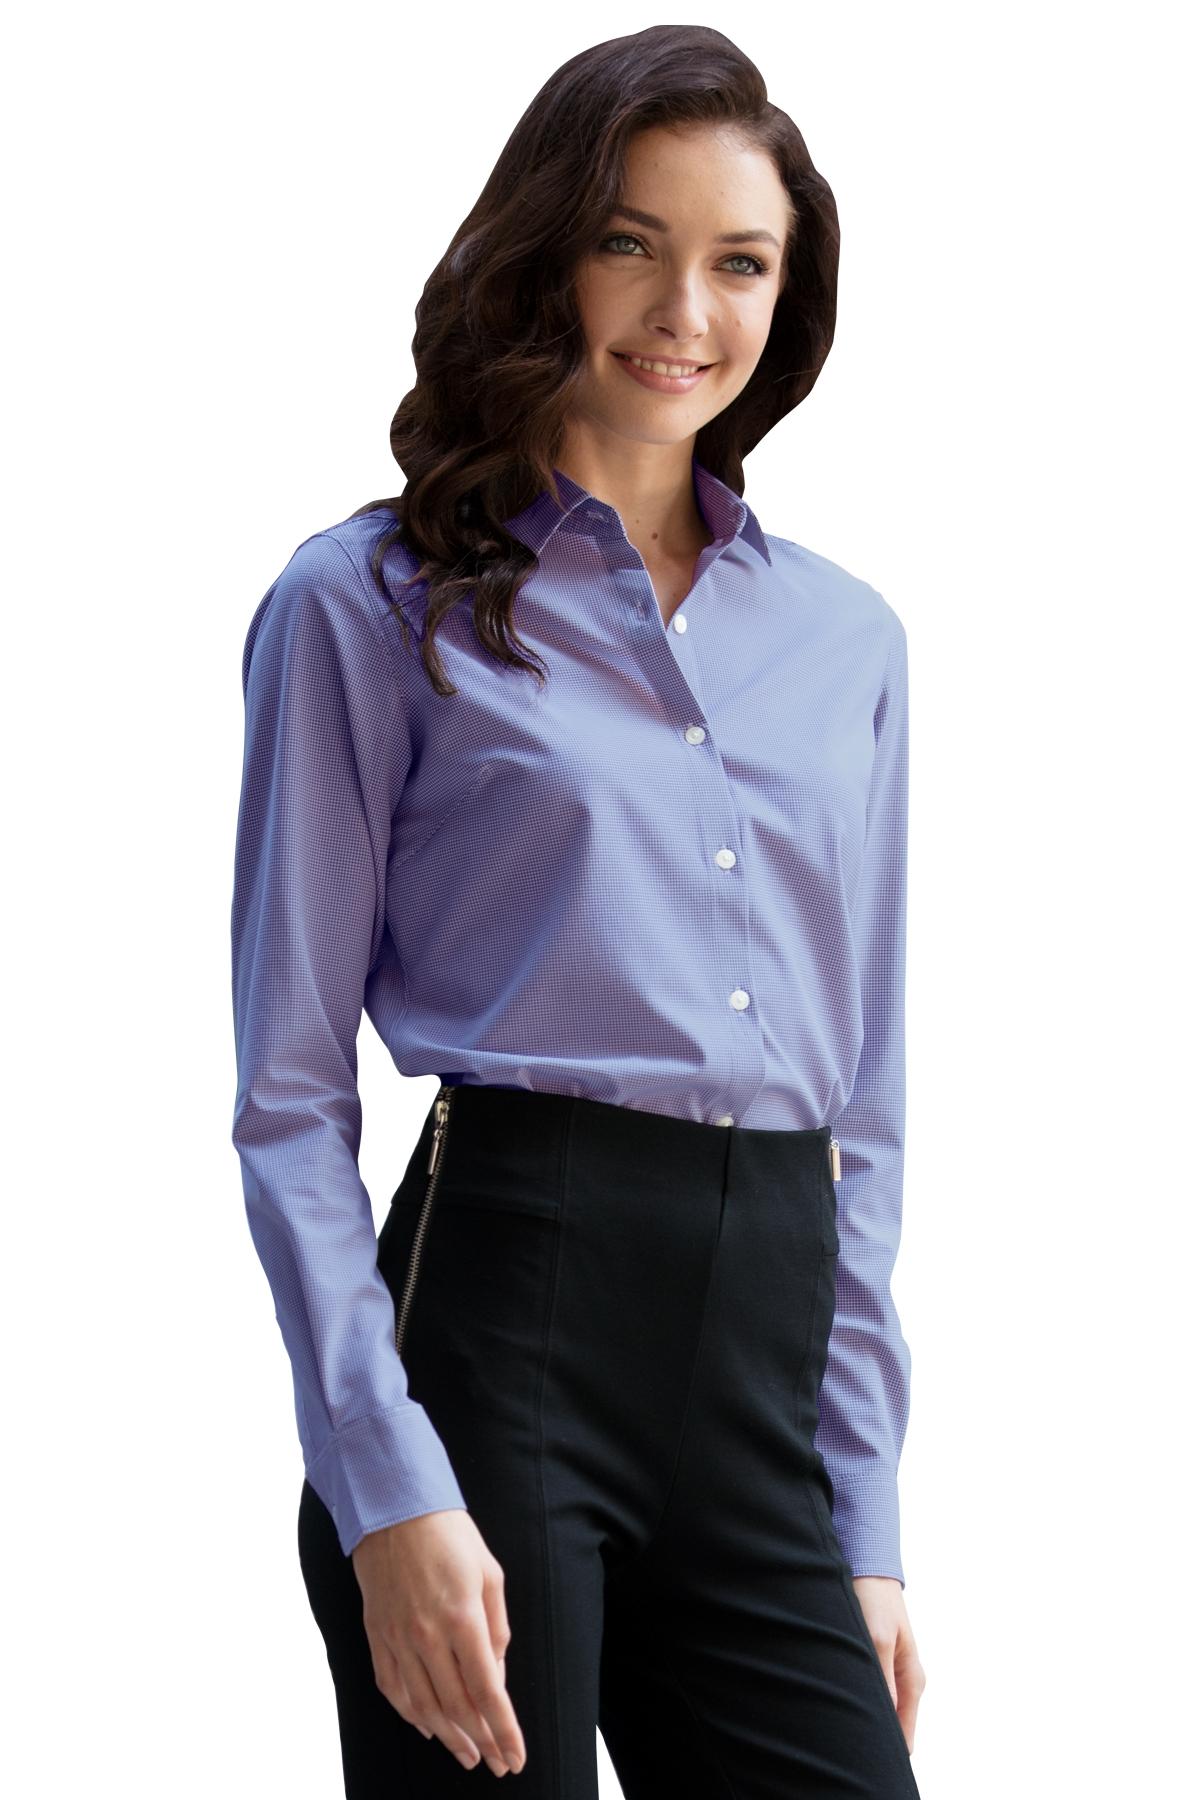 44d3a218b9 Vantage 1251 - Women's Vansport™ Sandhill Dress Shirt $27.49 ...